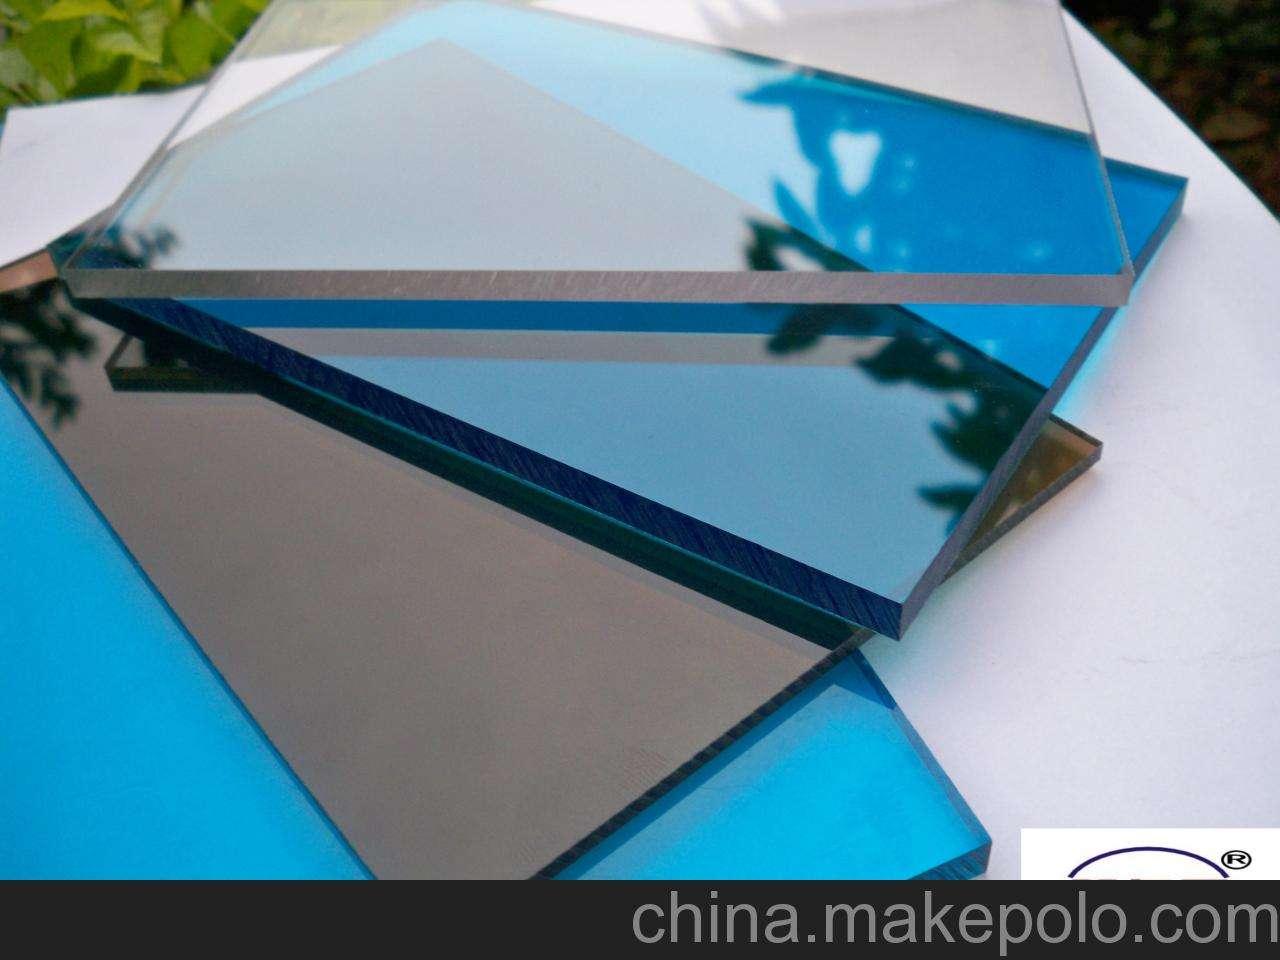 榆林耐力板批发 买好的宁夏耐力板优选铂丽建材